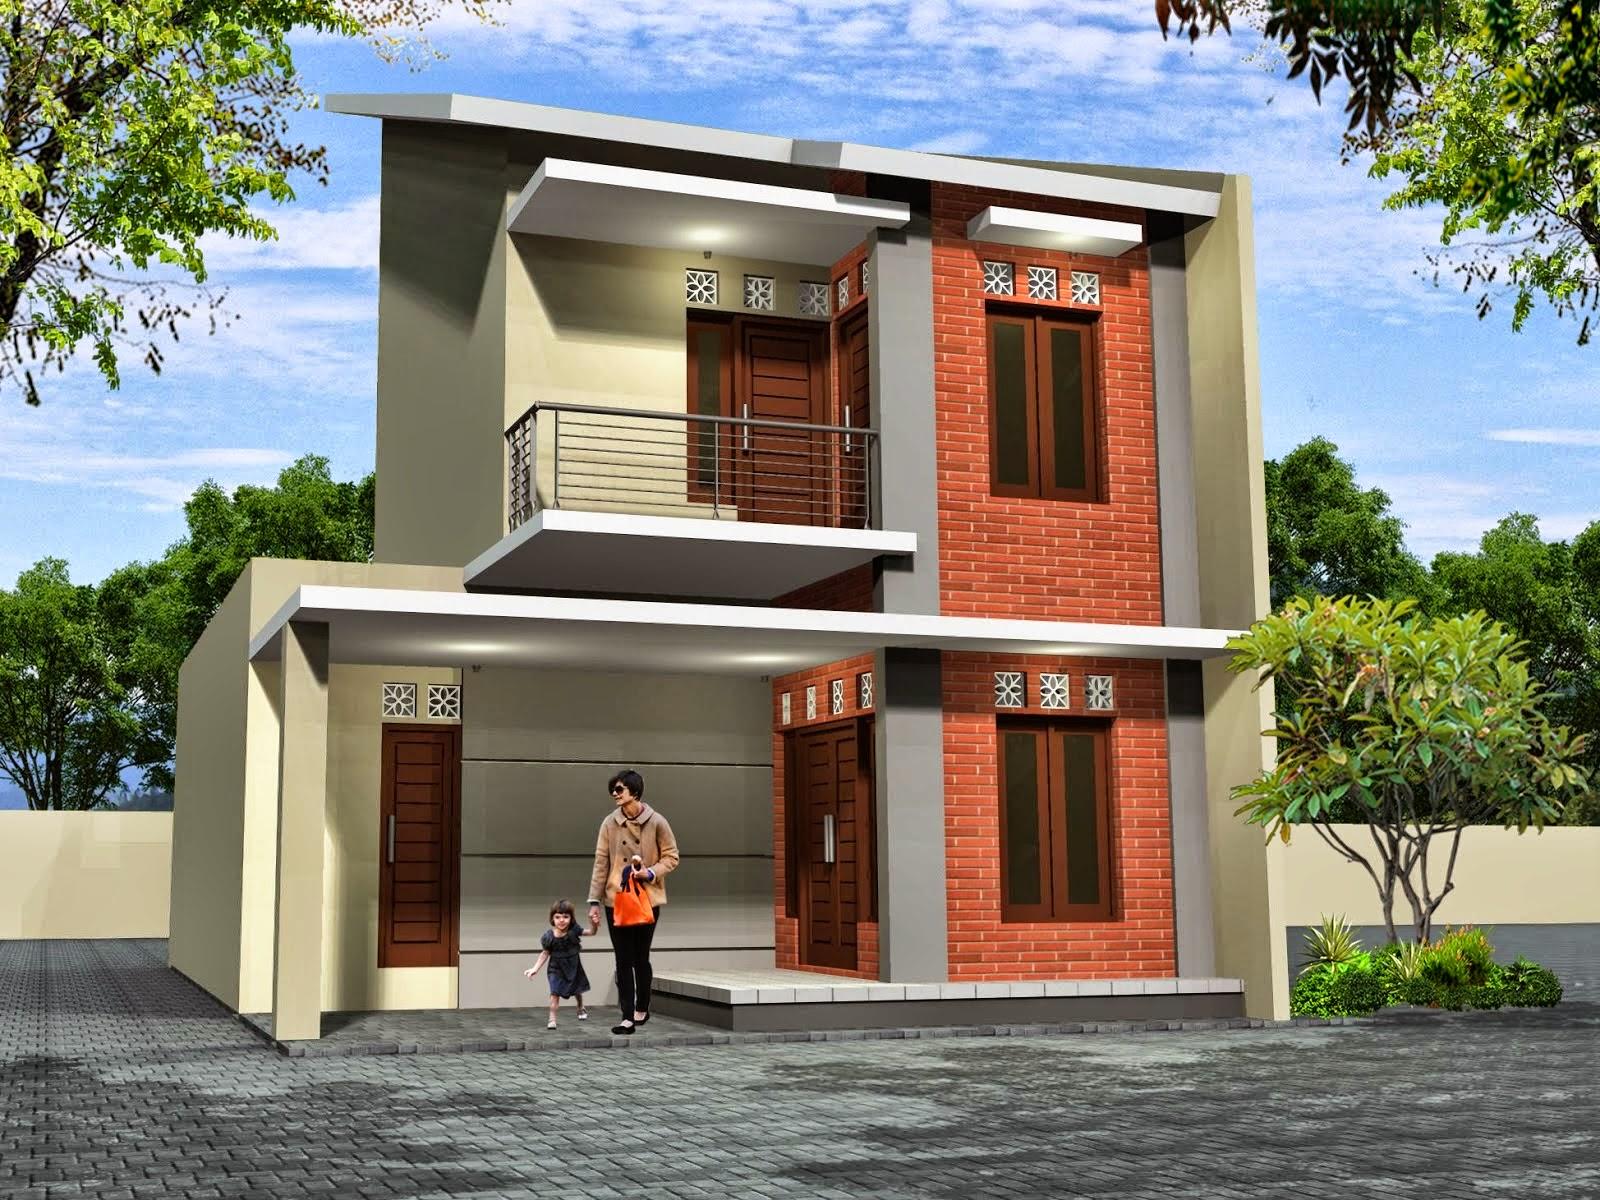 Contoh Gambar Desain Rumah Mungil 2 Lantai